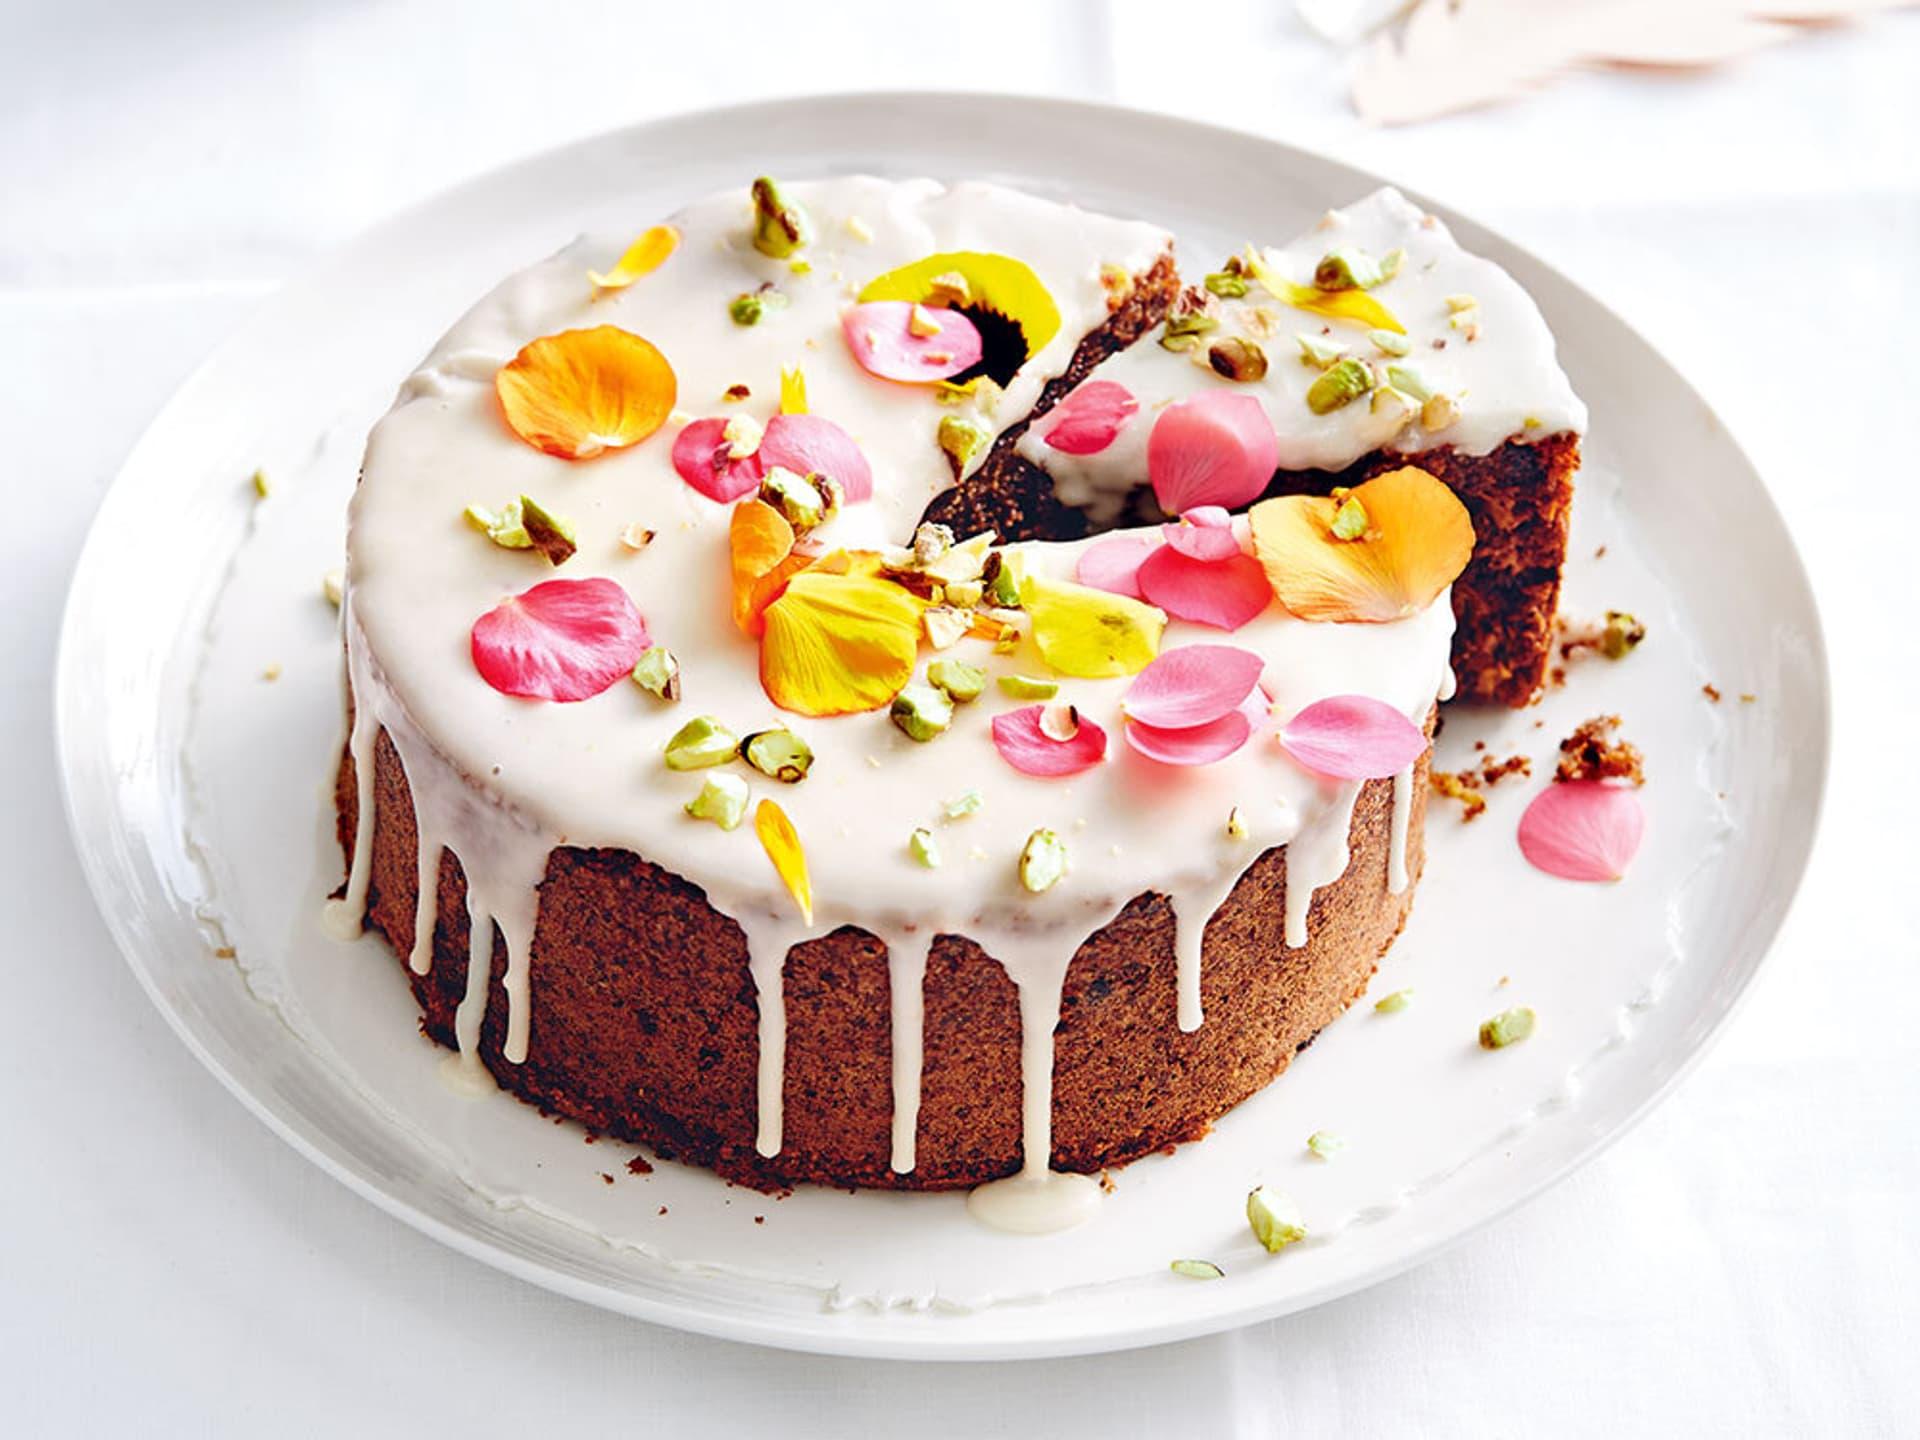 Ein runder Kuchen mit weißem Zuckerguss und bunten Blüten und gehackten Pistazien dekoriert – ein Stück ist angeschnitten